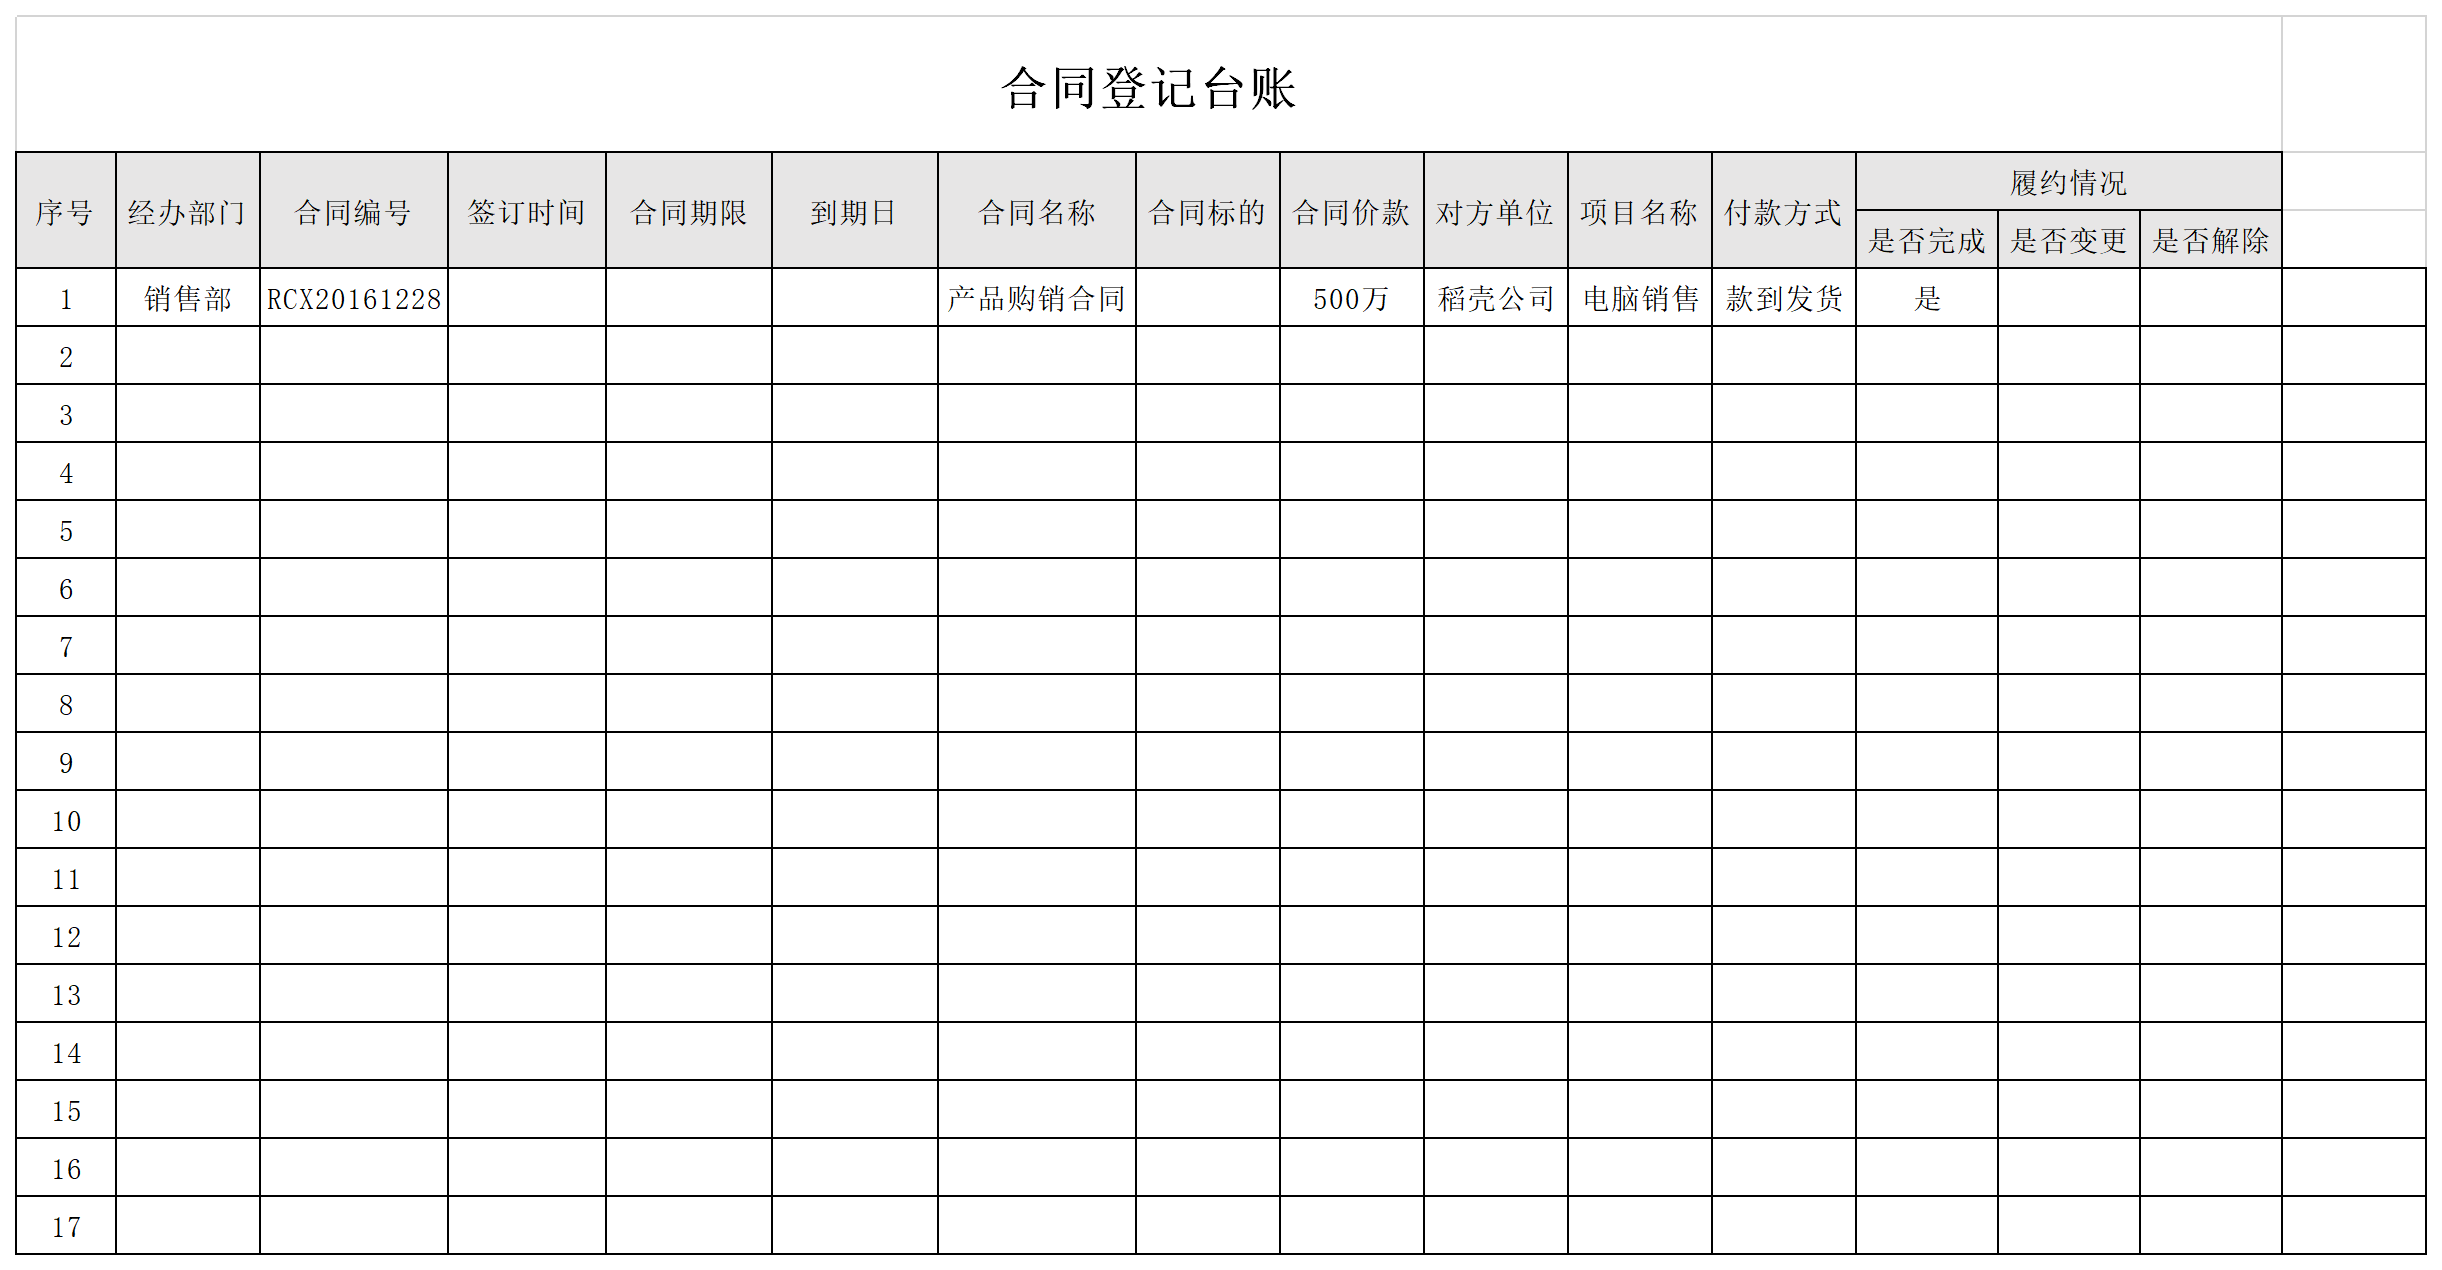 合同登记台账截图